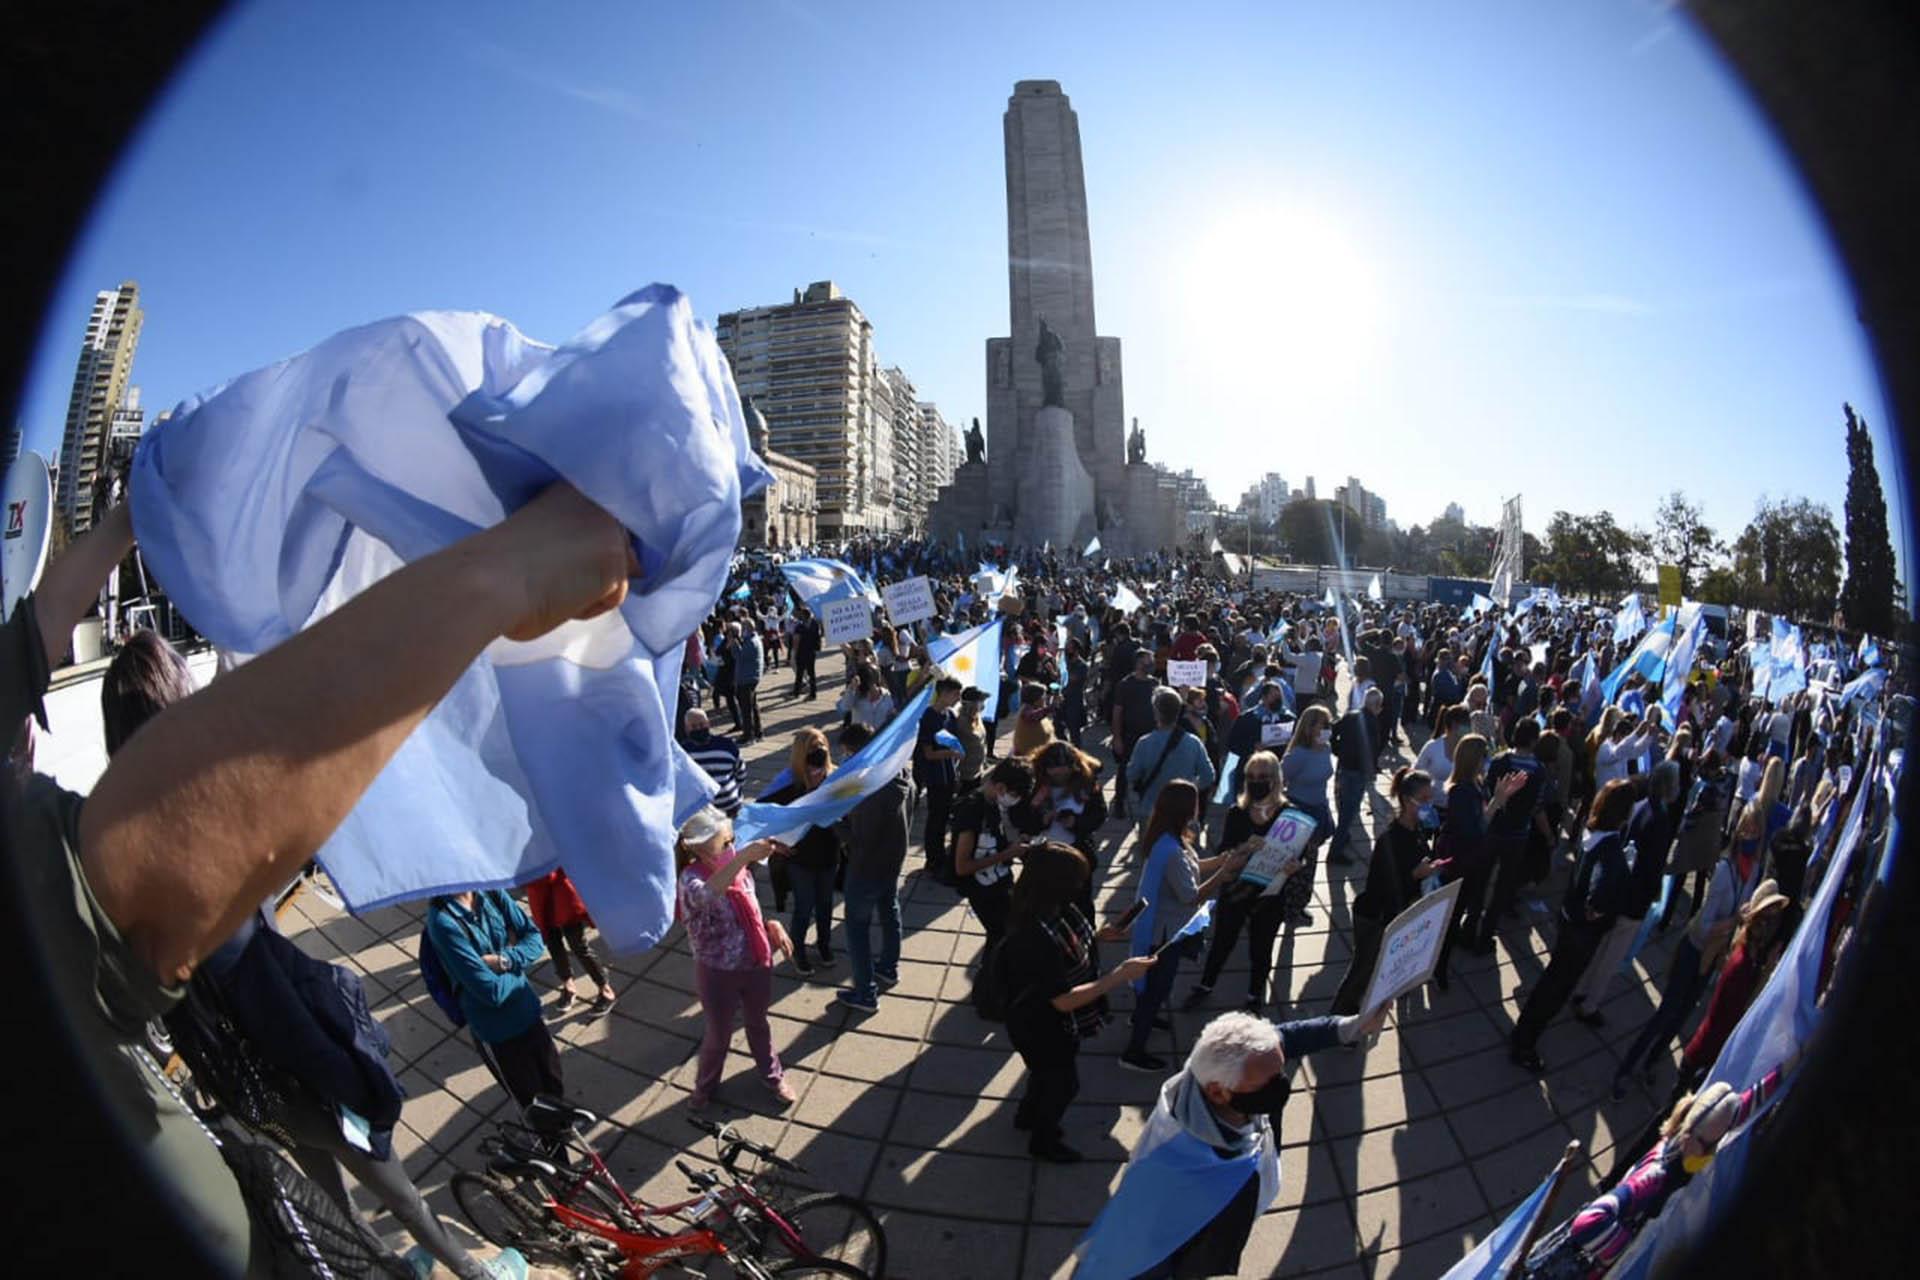 En Rosario se movilizaron en la explanada del Monumento, otros seguían la manifestación desde el Parque Nacional a la Bandera y varios pasaban por avenida Belgrano en caravana de autos tocando bocina. (Leo Galletto)